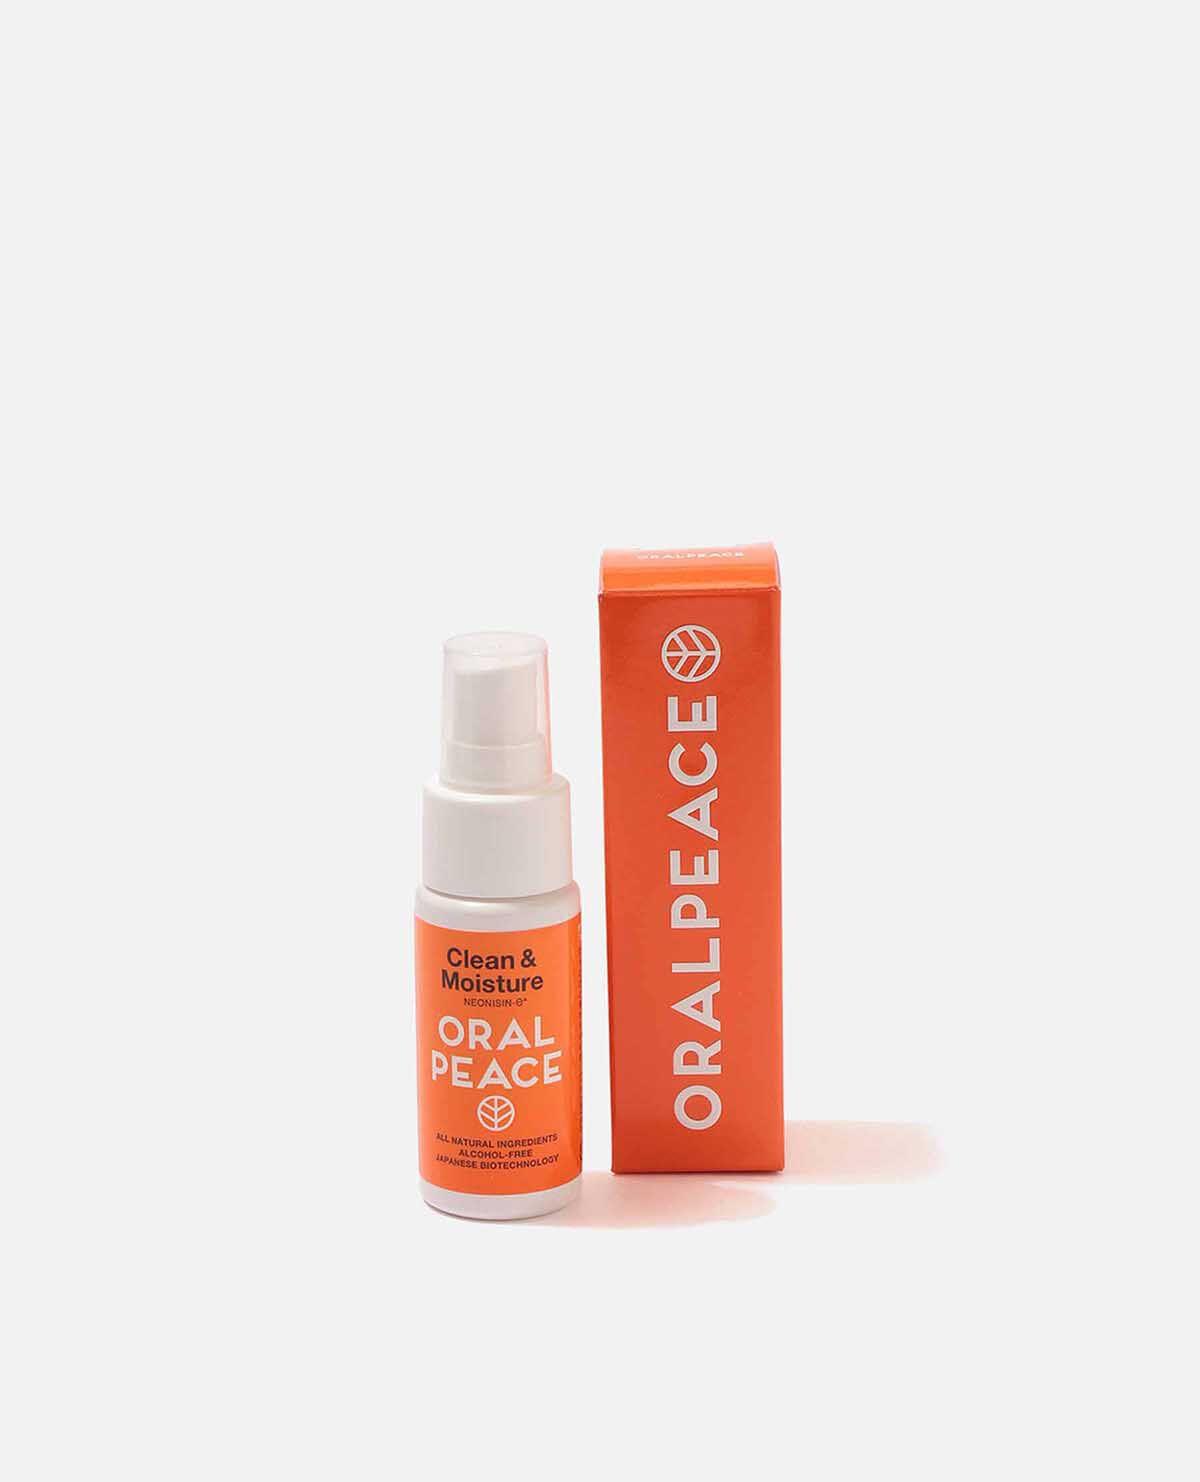 オーラルピース グリーン&モイスチュア スプレー オレンジ